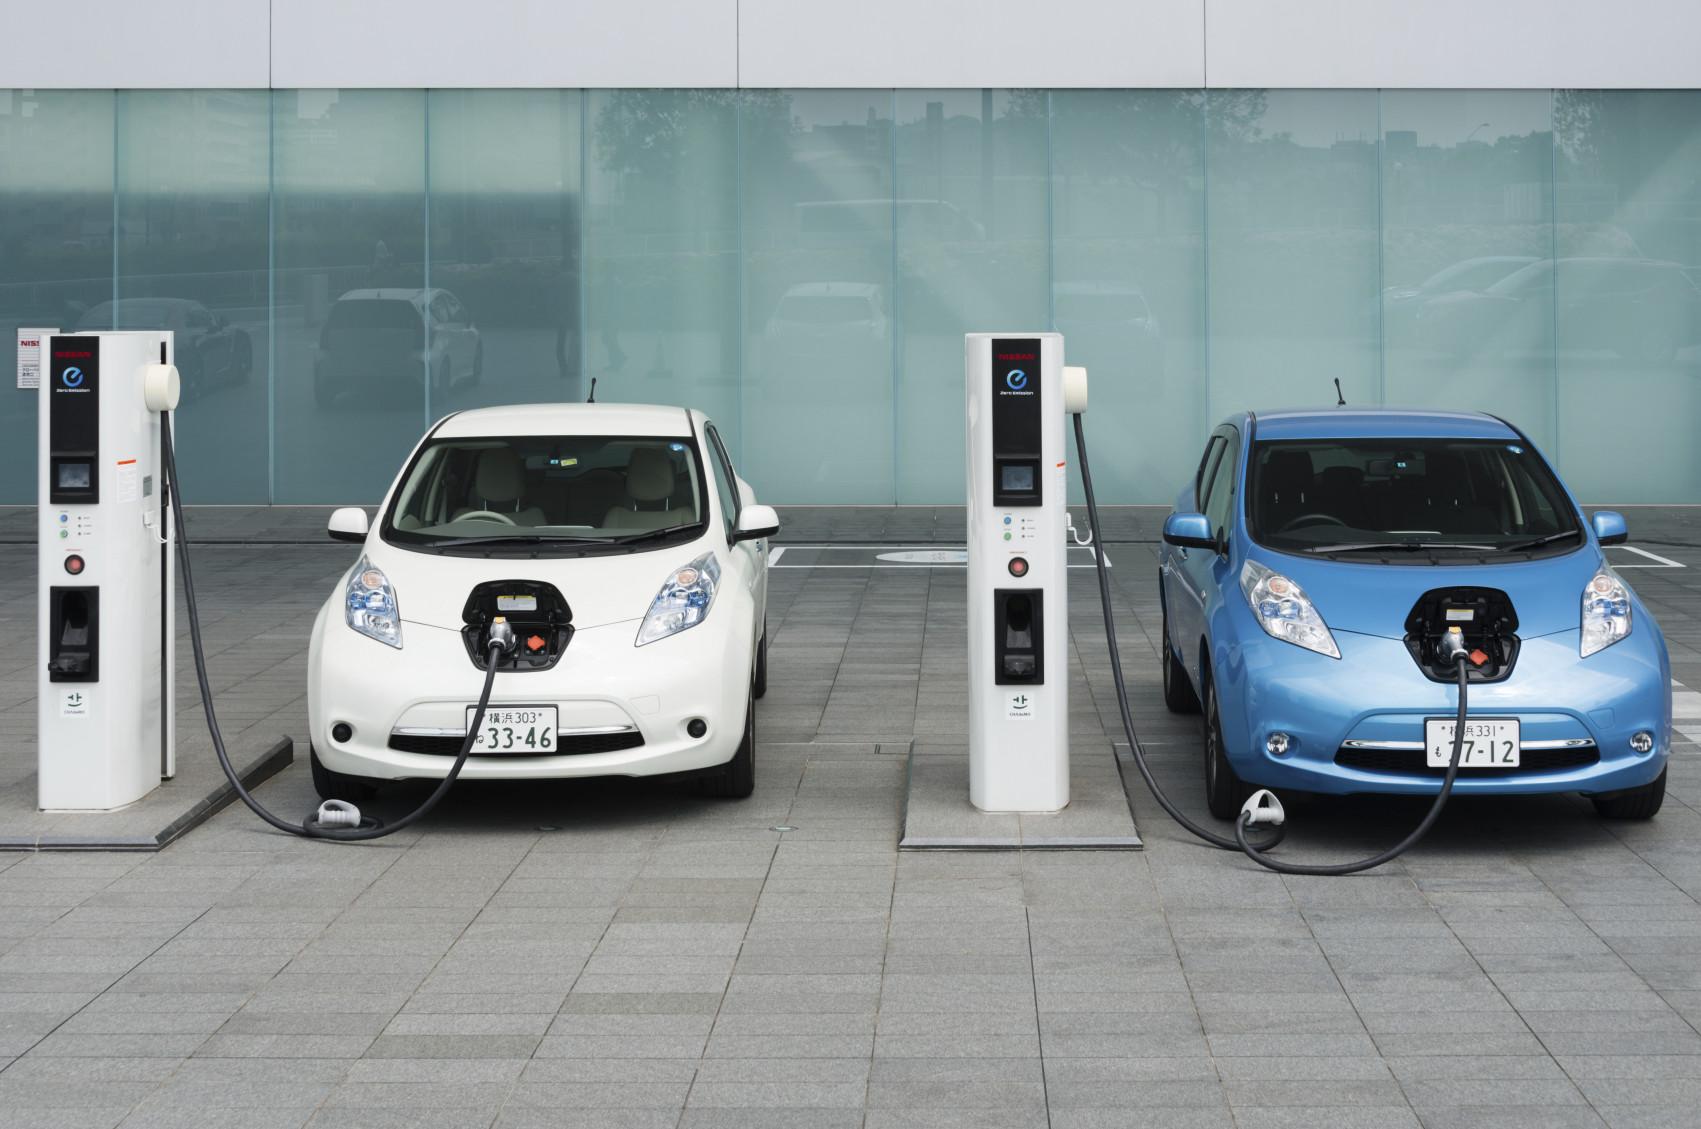 Diferencias básicas a la hora de conducir un coche eléctrico frente a uno de combustión